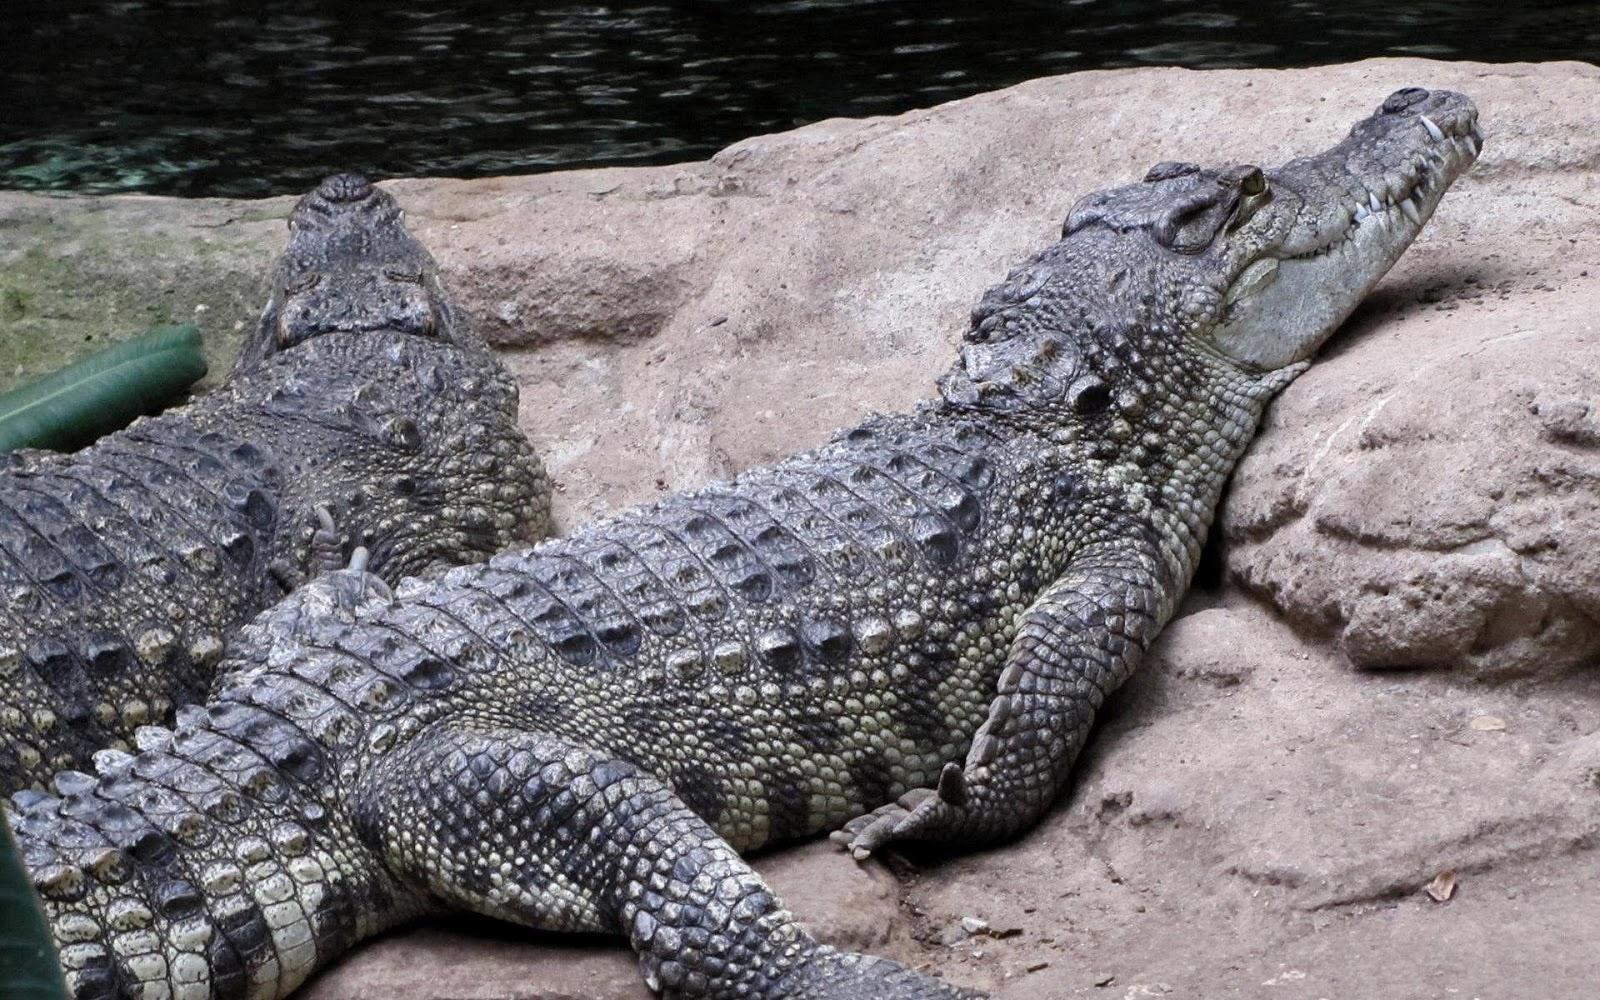 Alligator Computer Wallpapers, Desktop Backgrounds, animal wallpapers